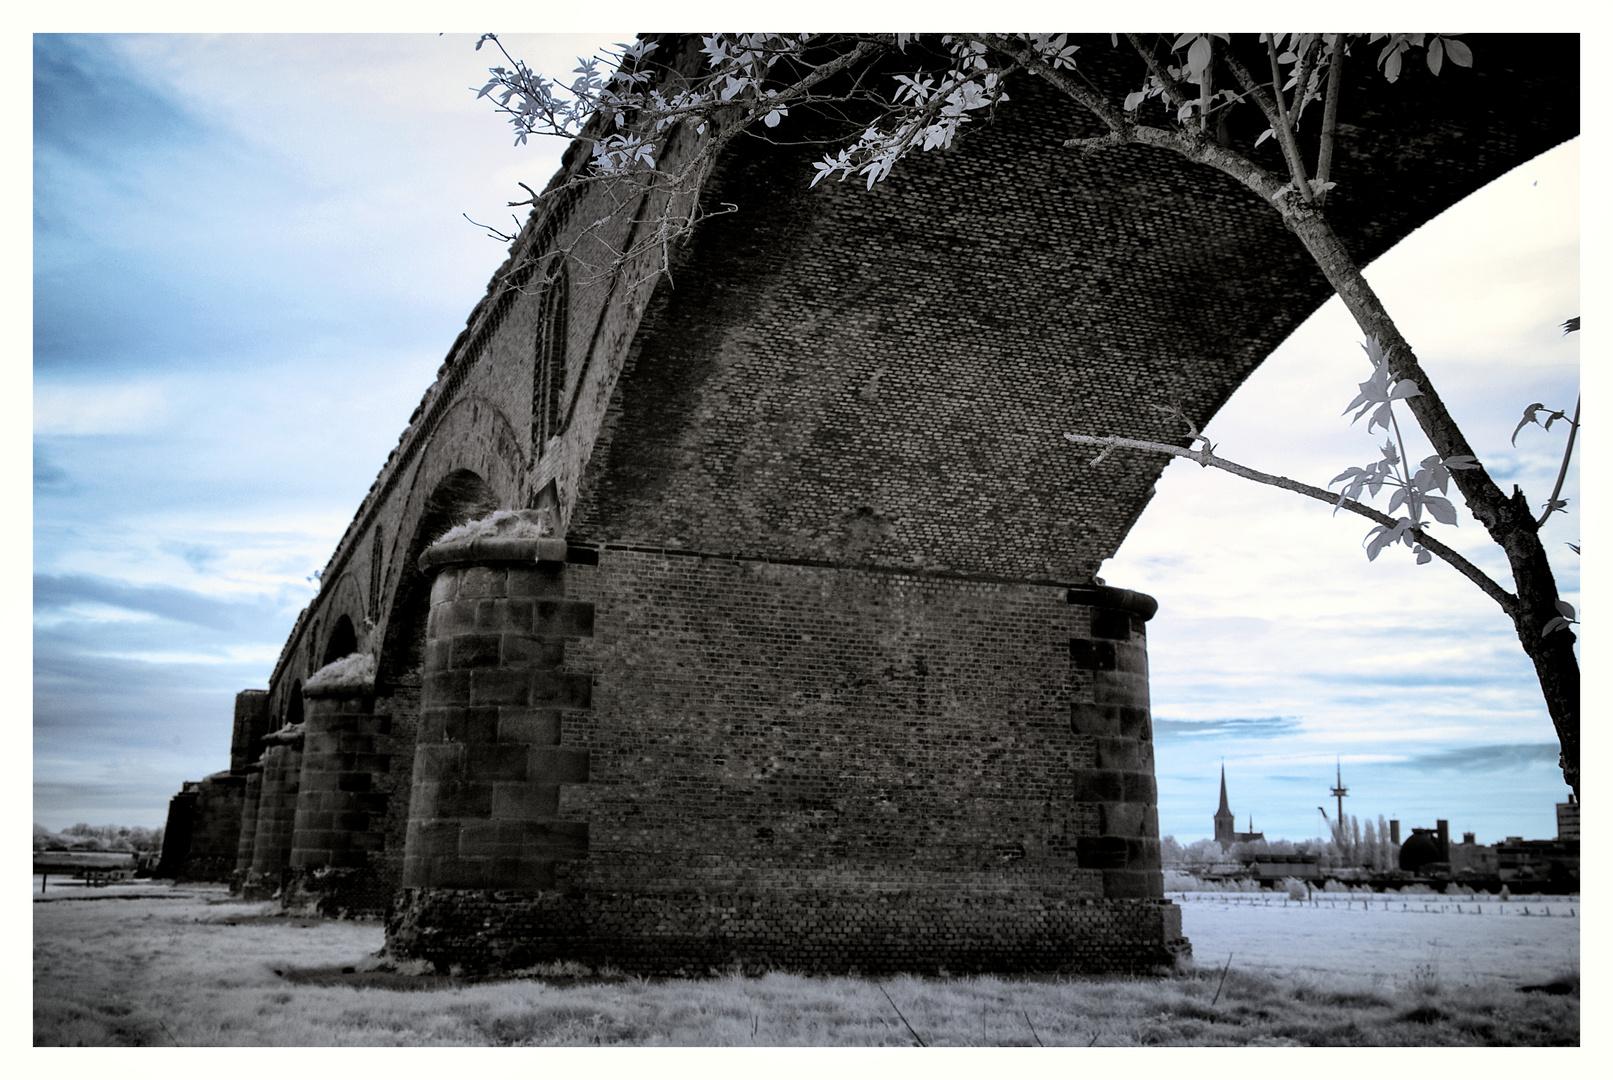 Eisenbahnbrücke Wesel